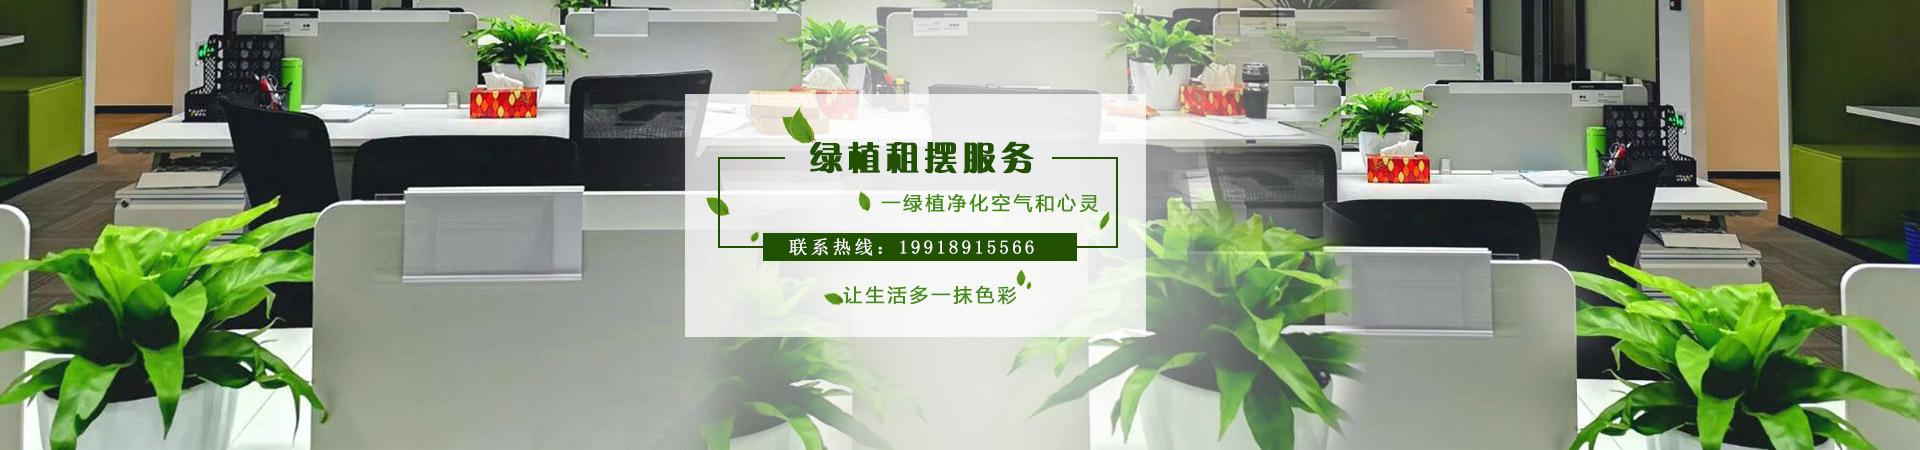 貴陽植物租賃